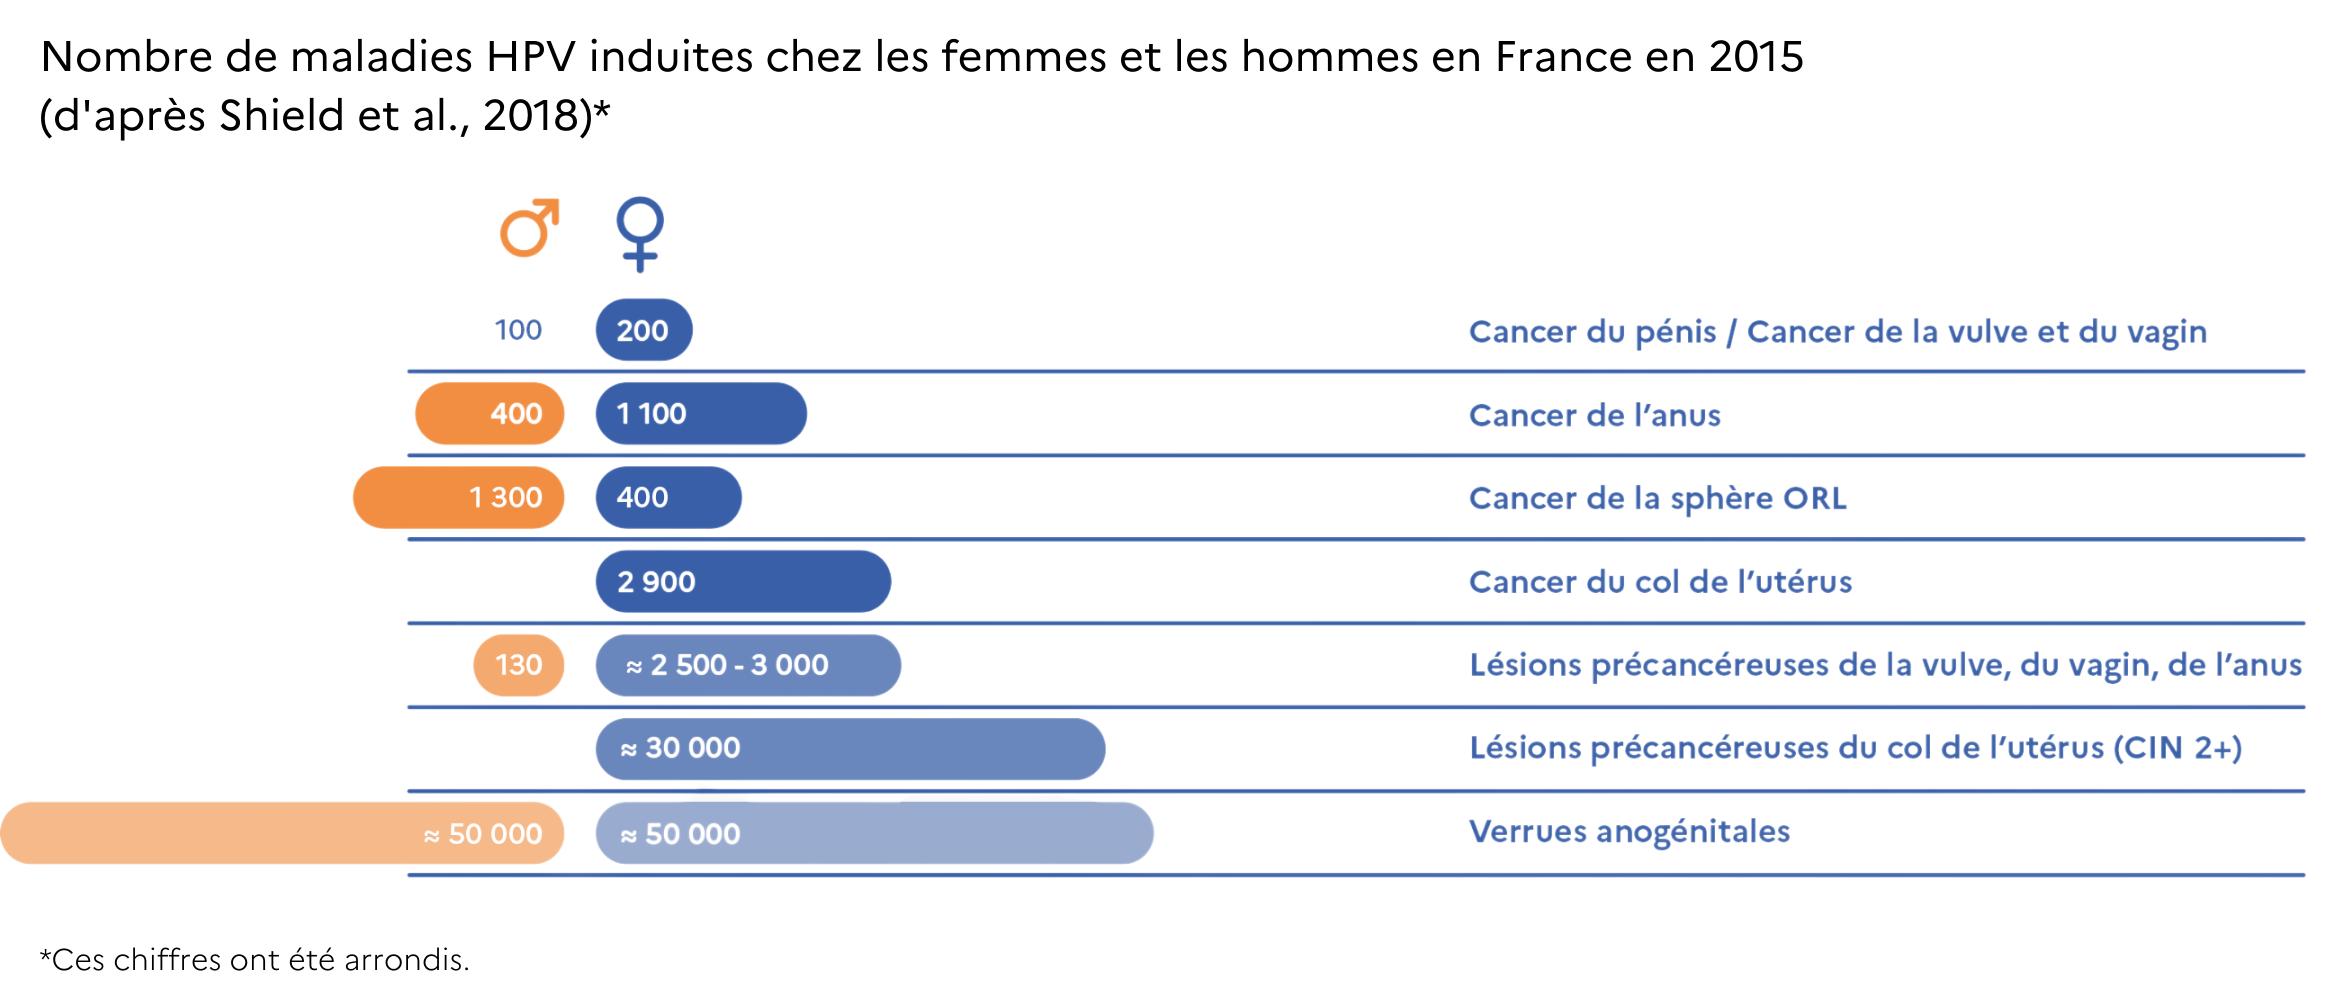 Nombre de maladies HPV-induites chez les femmes et les hommes en France en 2015